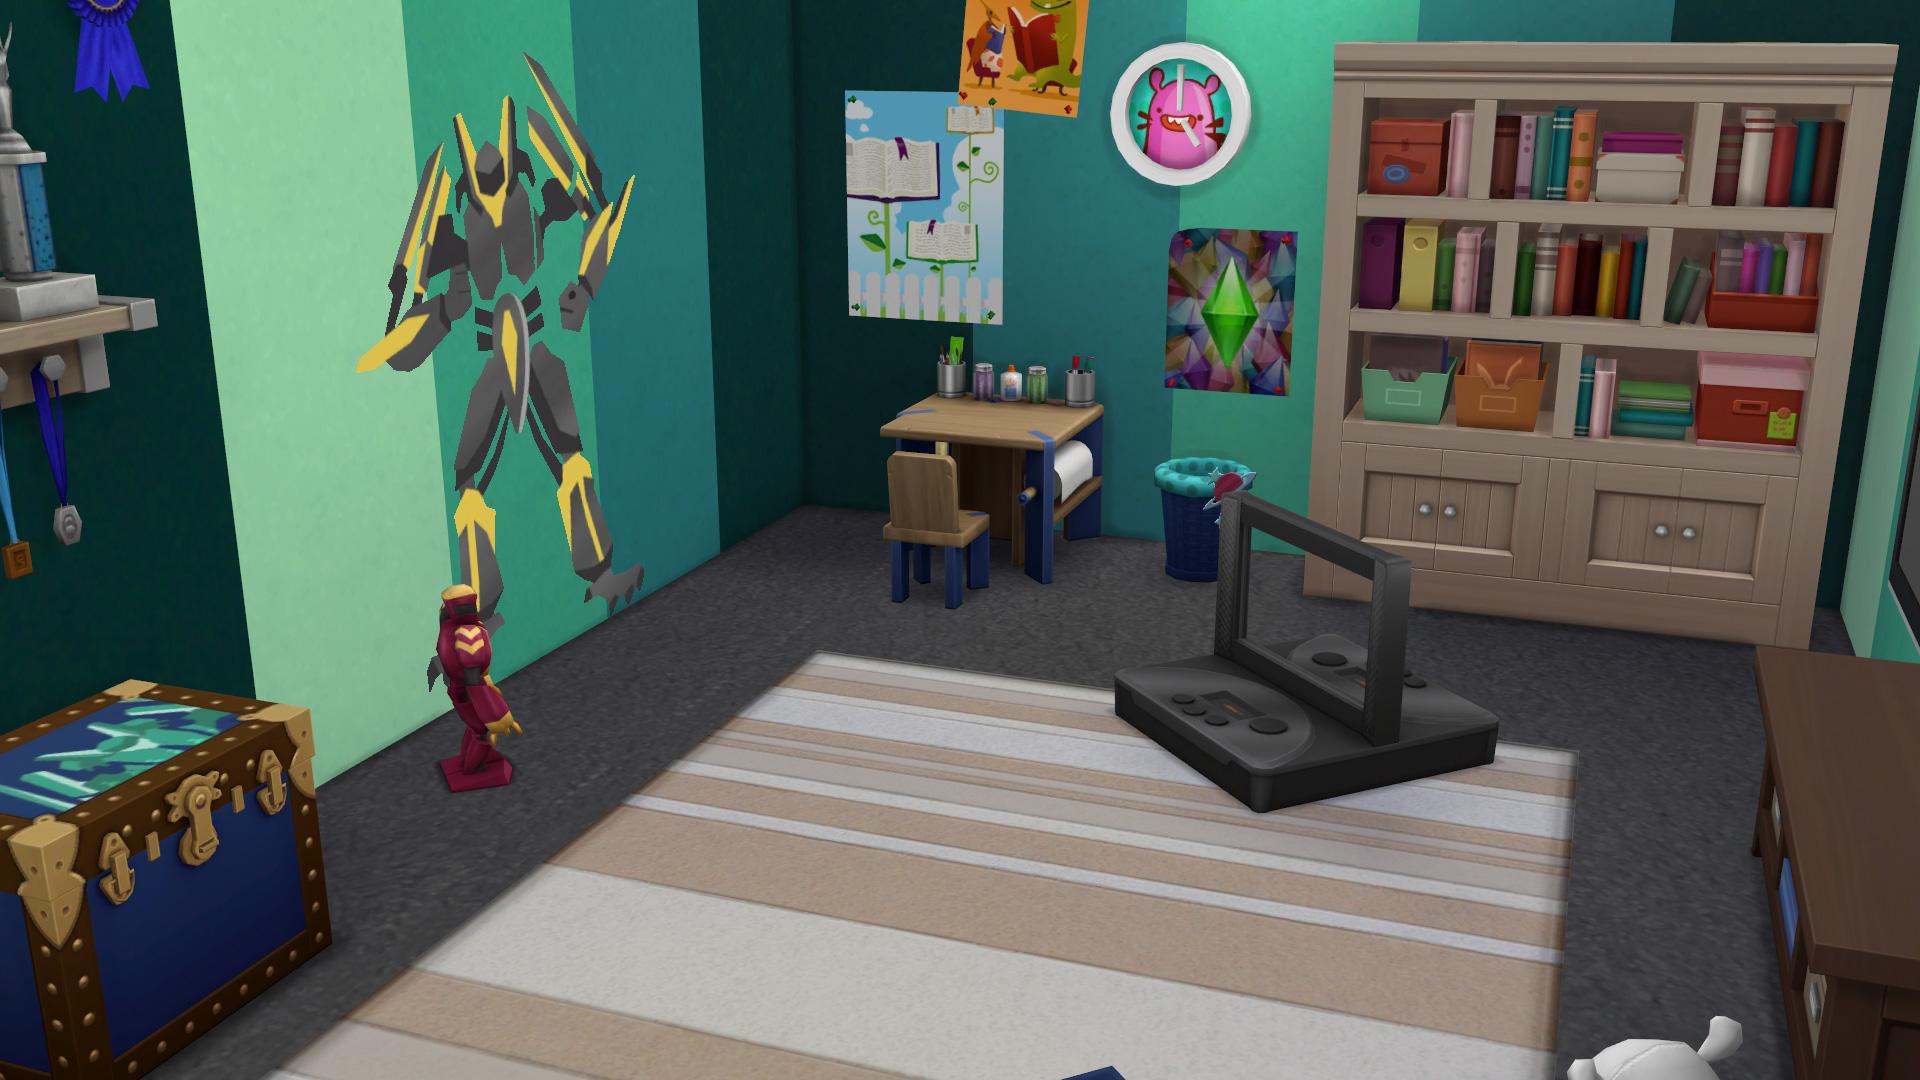 Angespielt: Die Sims 4 Kinderzimmer-Accessoires - SimTimes